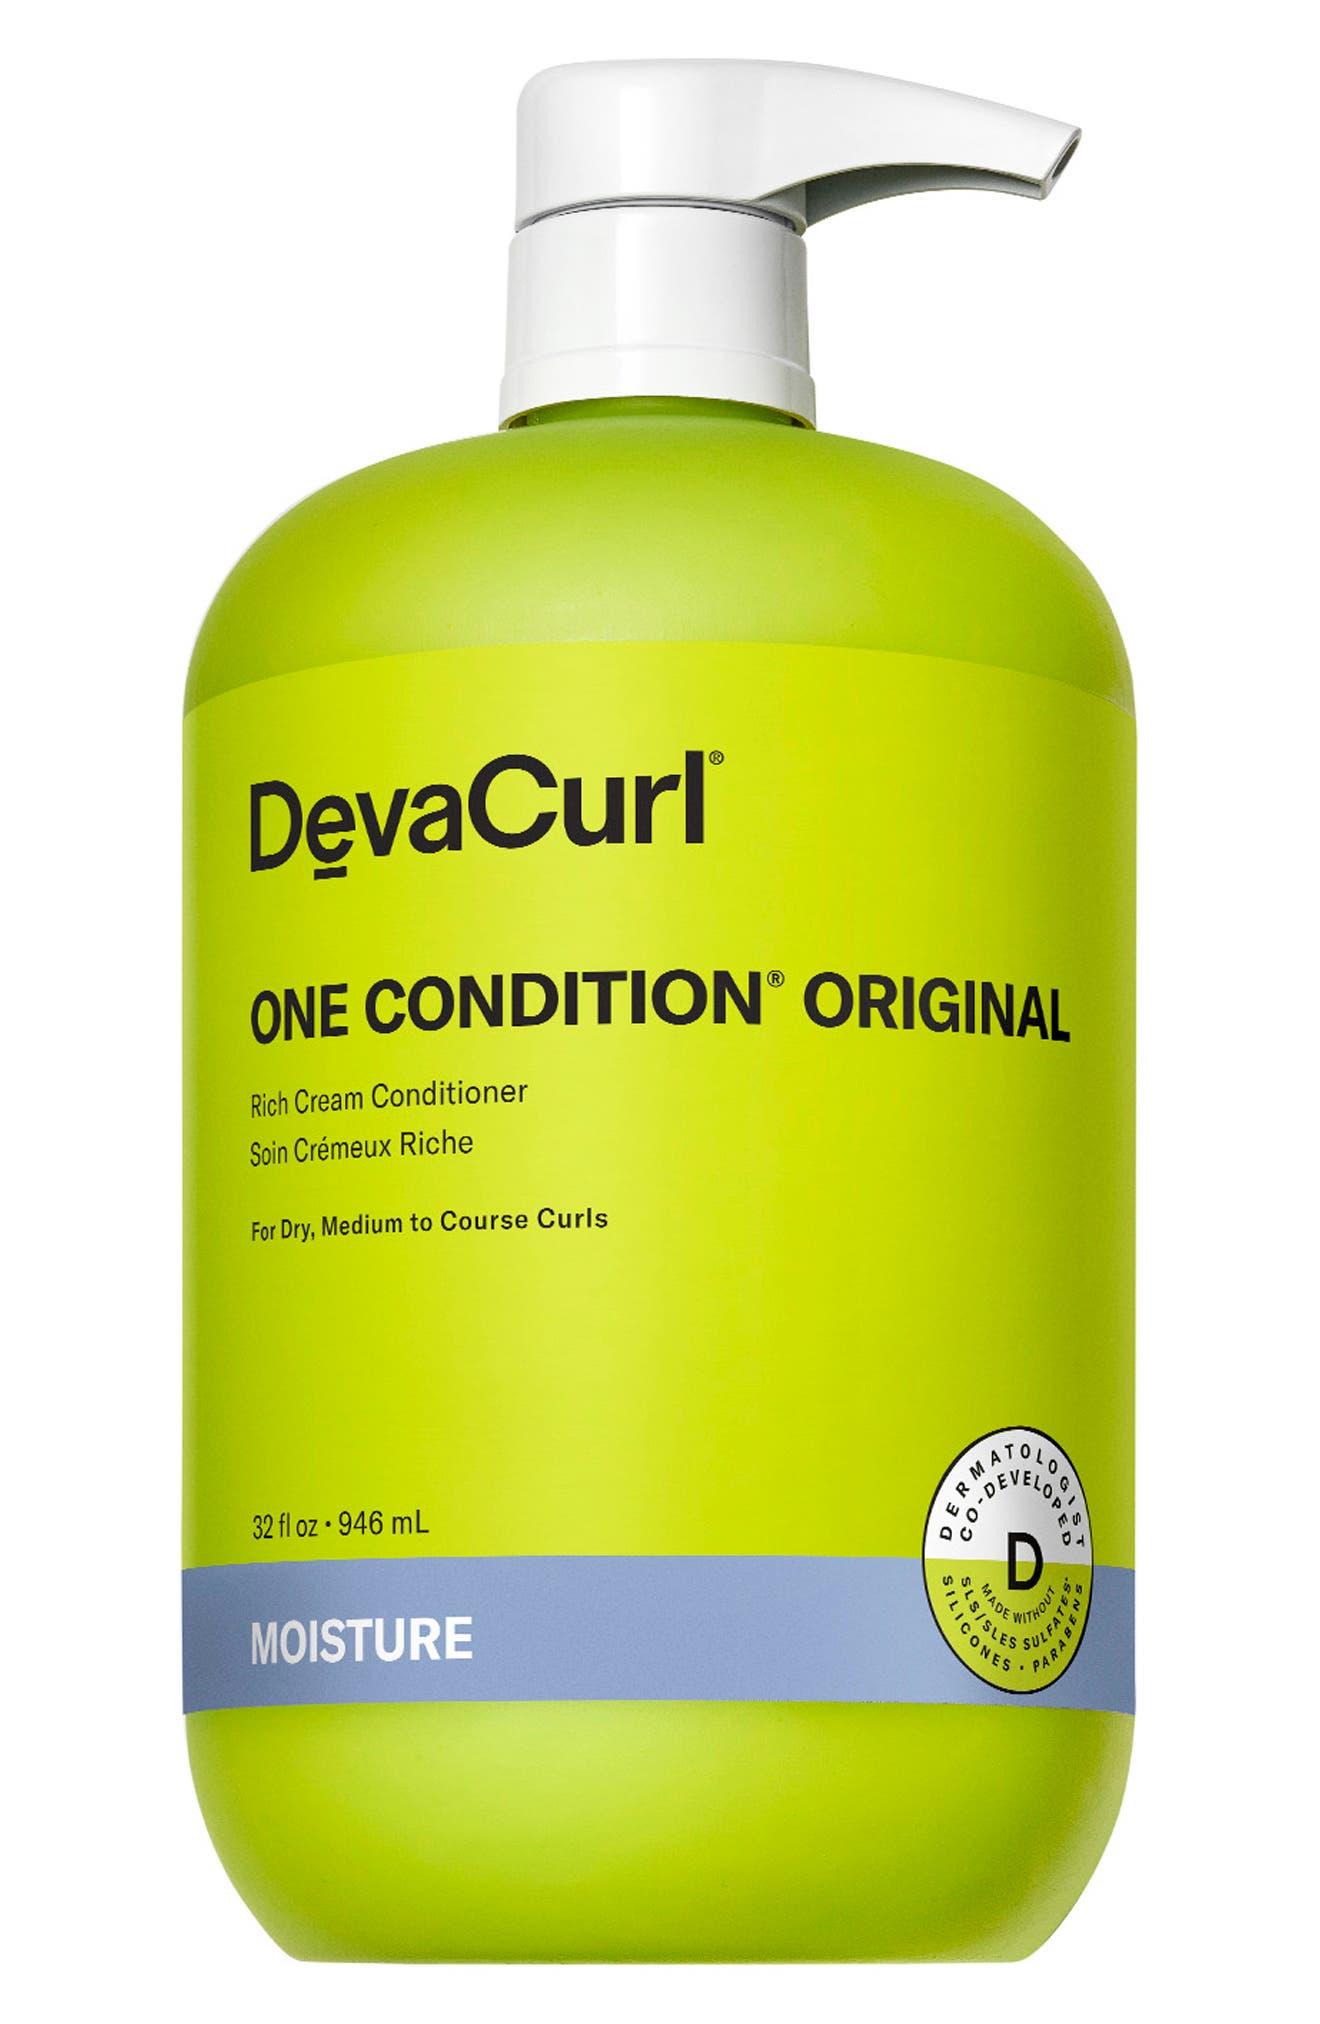 Devacurl Jumbo One Condition Original Rich Cream Conditioner